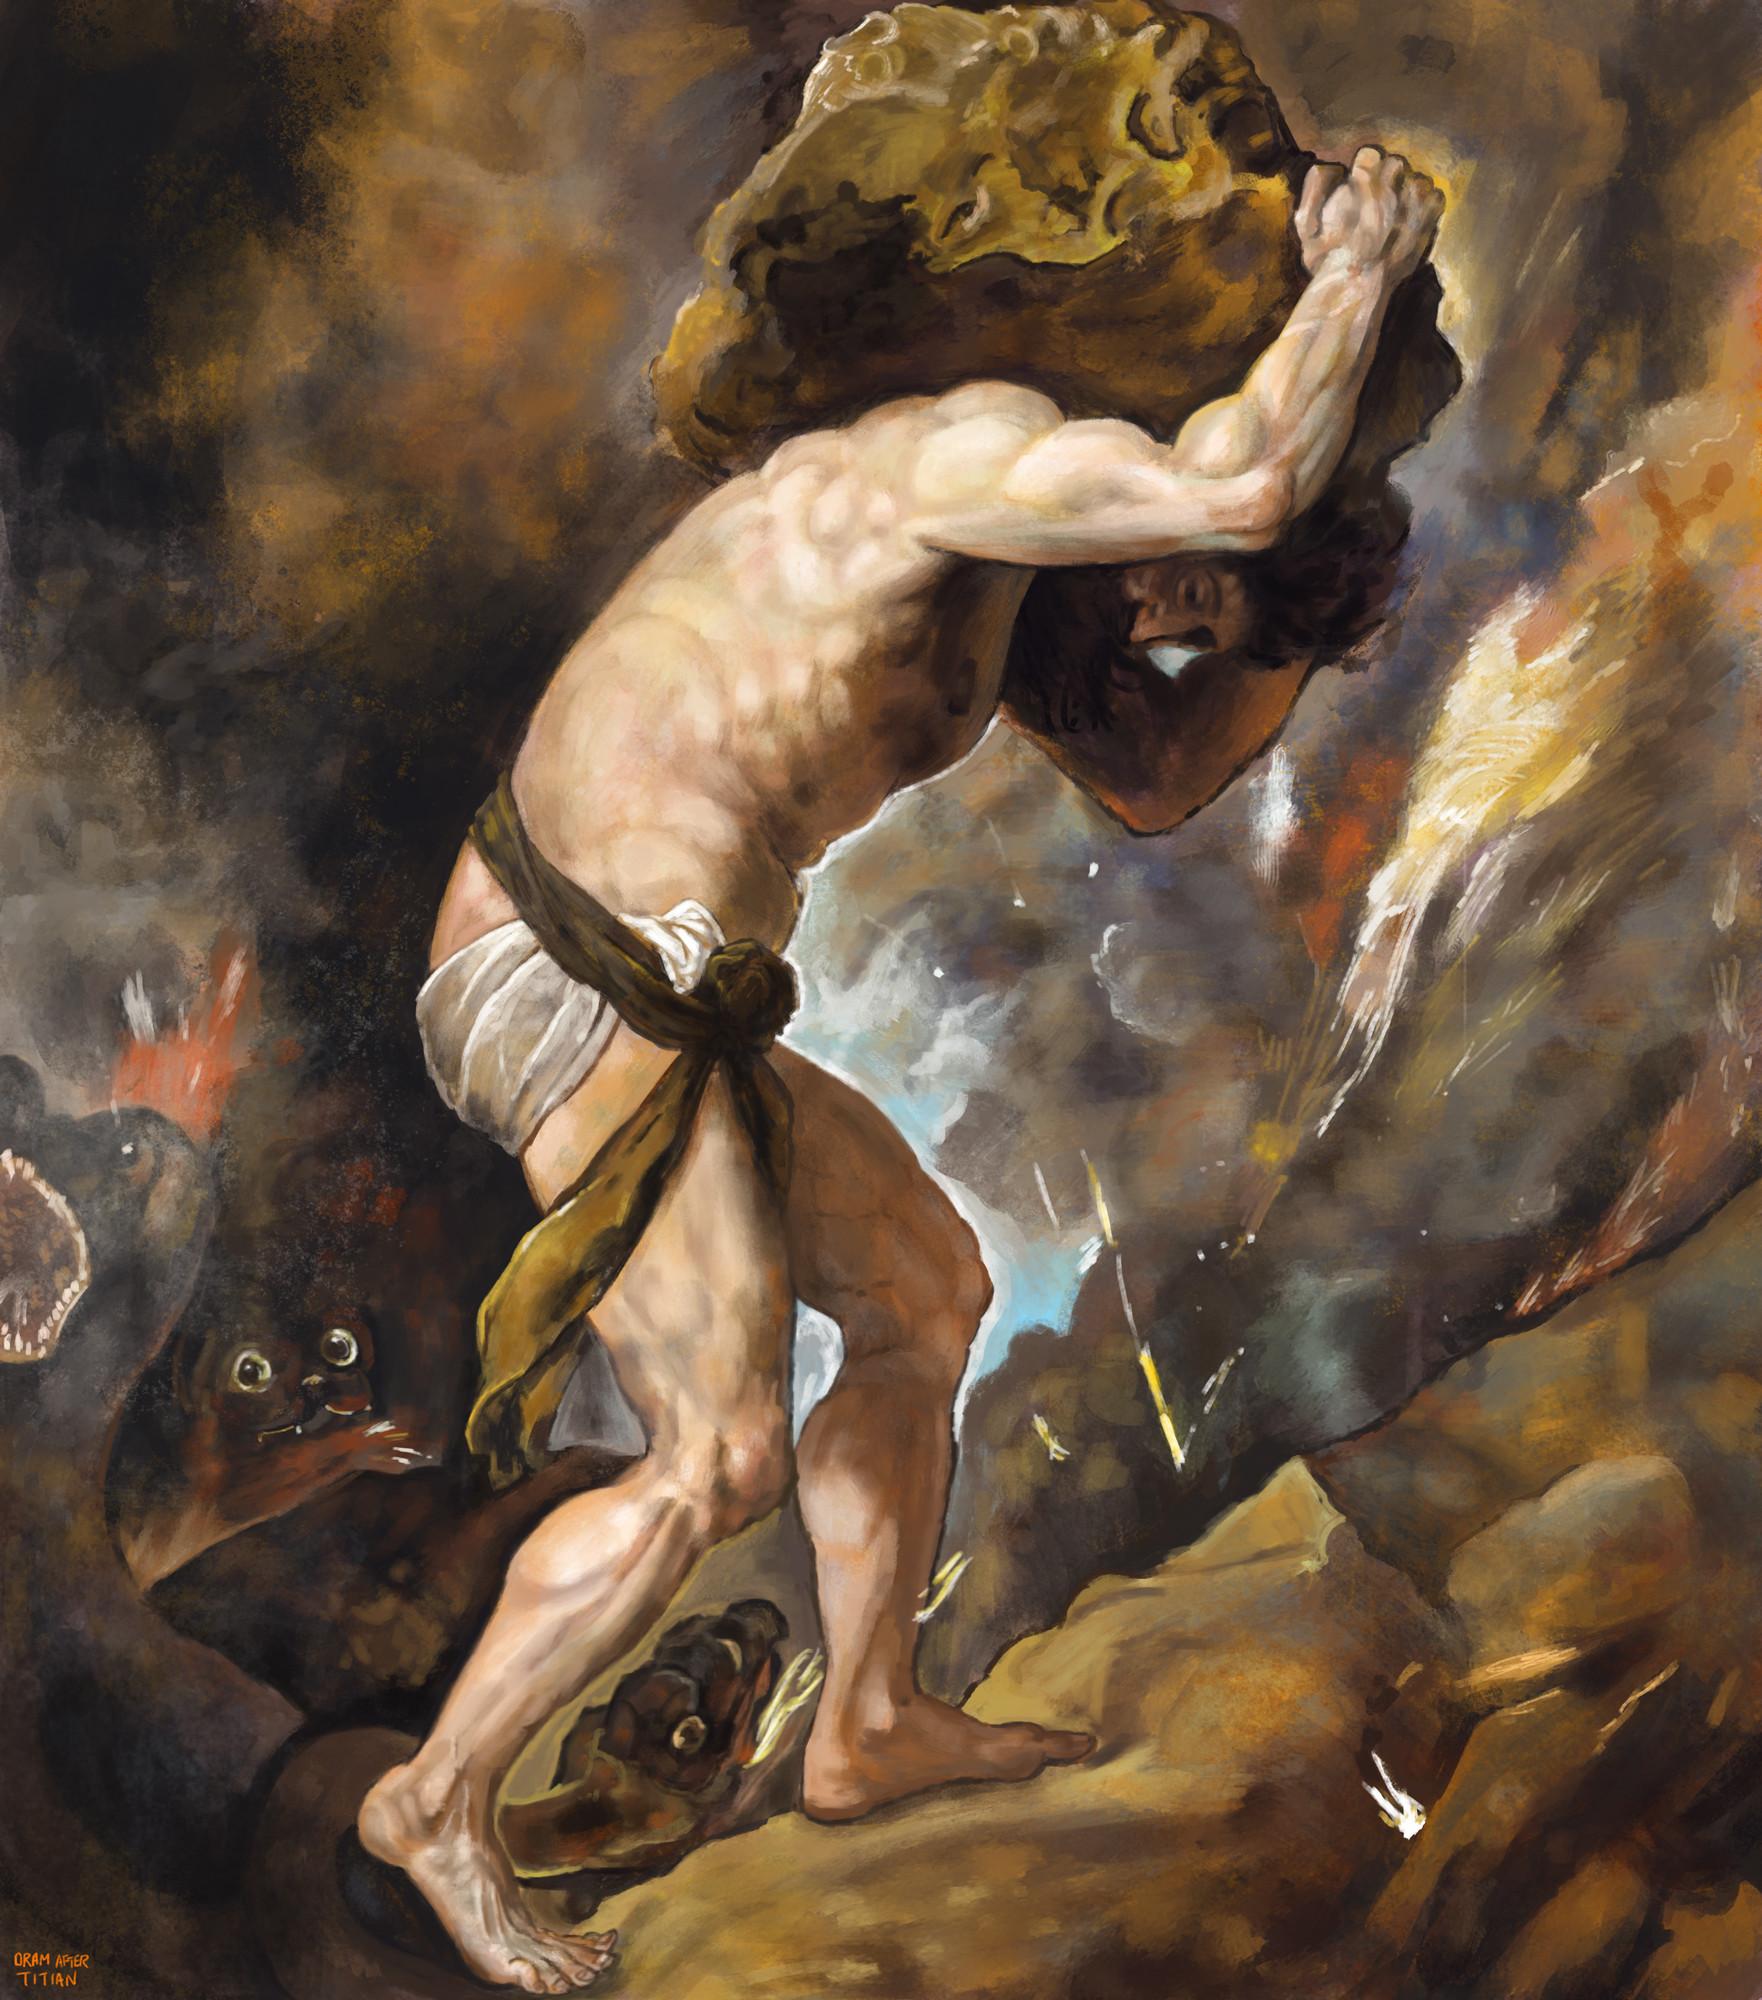 ArtStation - MASTER STUDY - Sisyphus, Titian 1548-9, luke oram